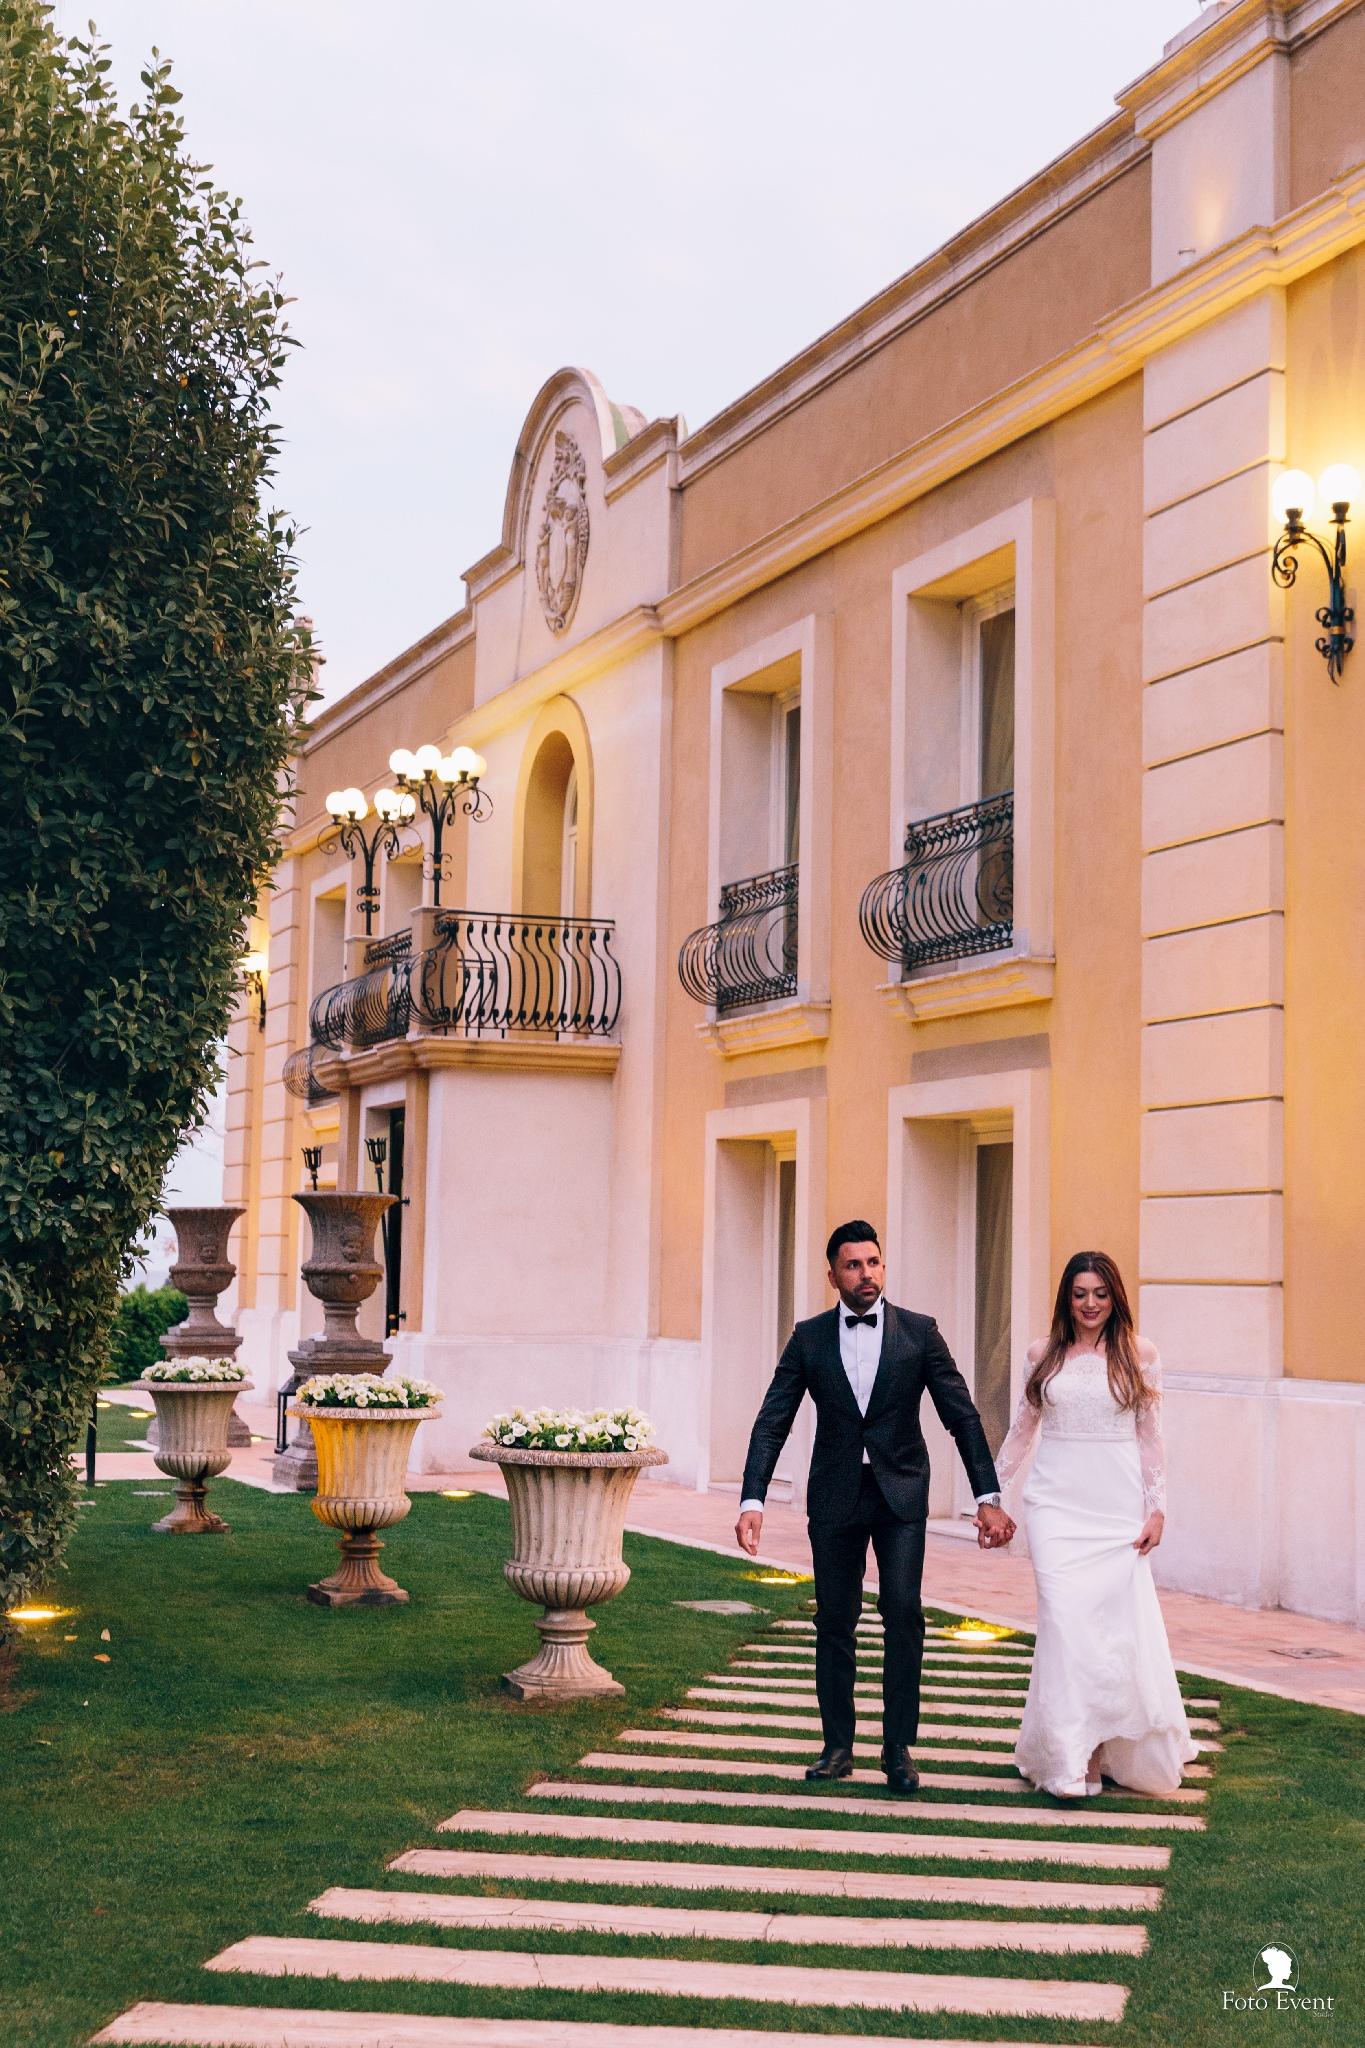 587-2019-05-09-Matrimonio-Maria-Concetta-e-Daniel-Gebbia-5DE-1256